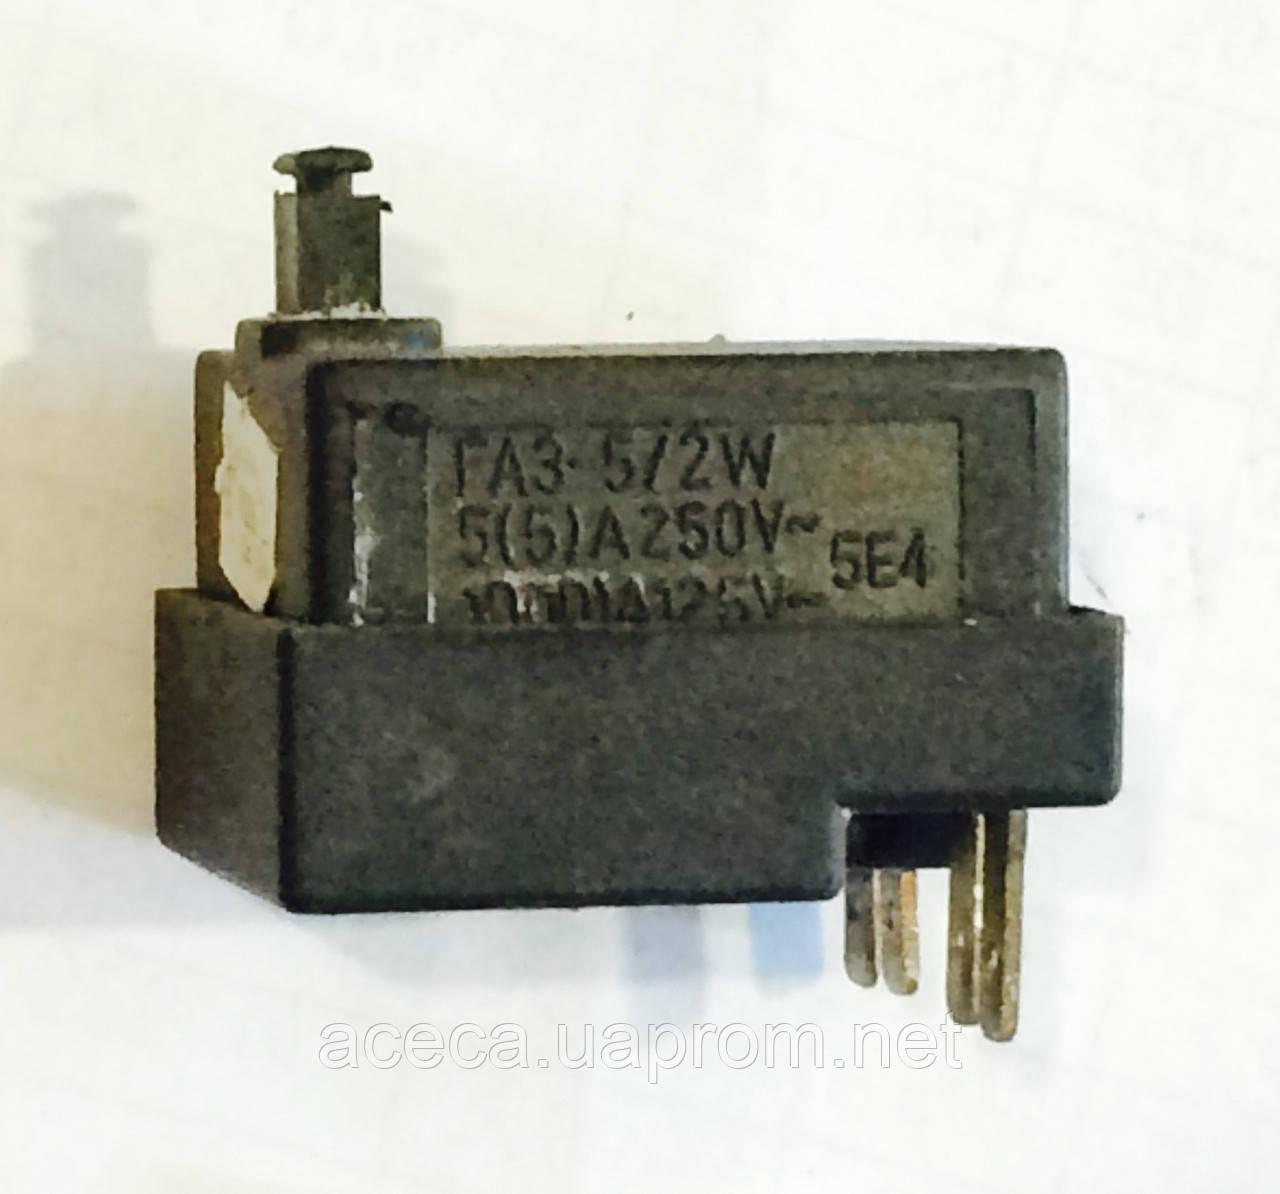 Кнопка МШУ Sparky (замкнуто)